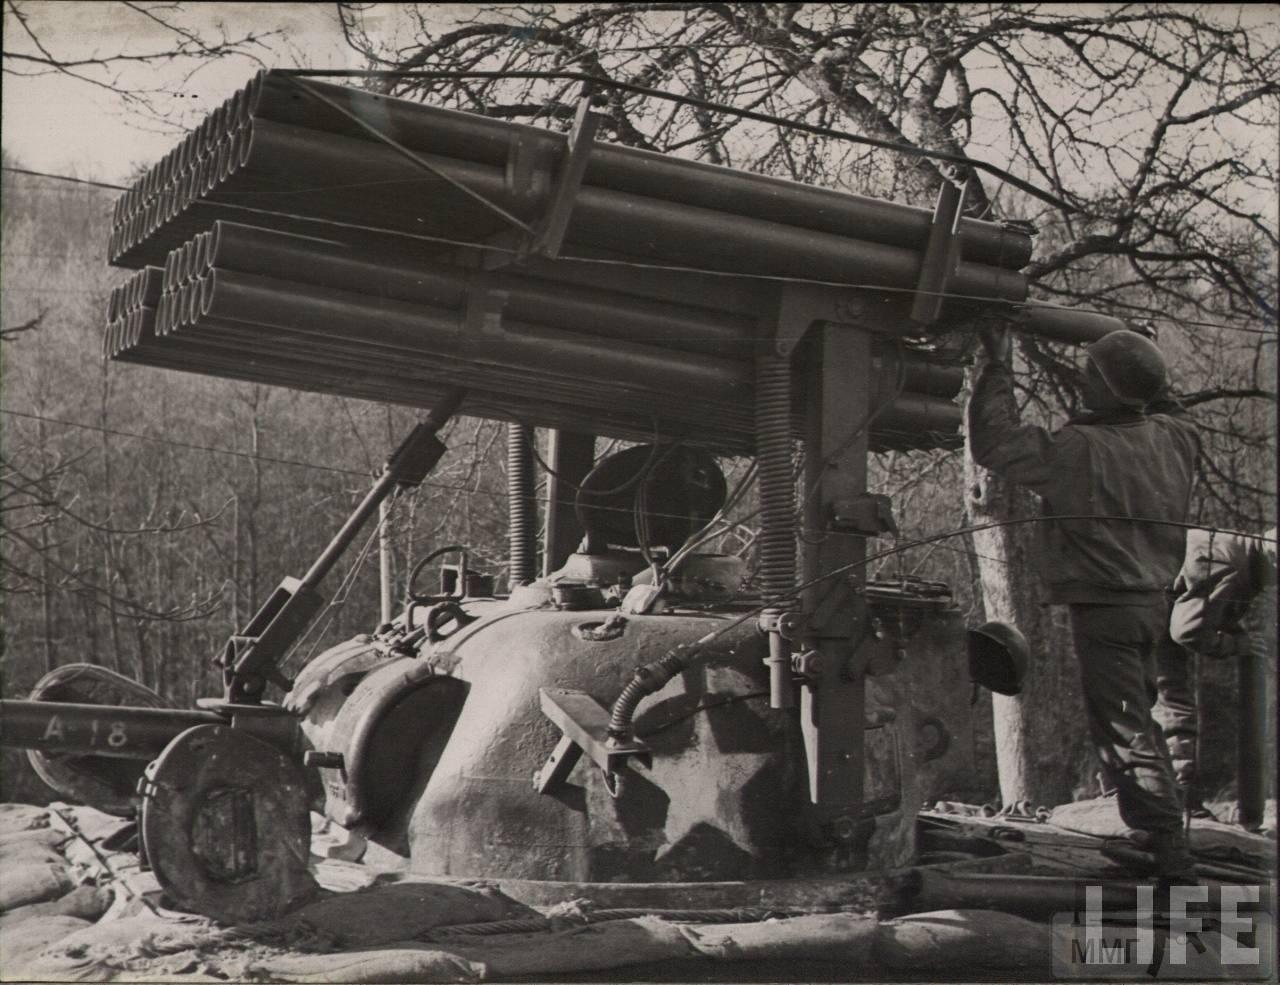 33256 - Военное фото 1939-1945 г.г. Западный фронт и Африка.